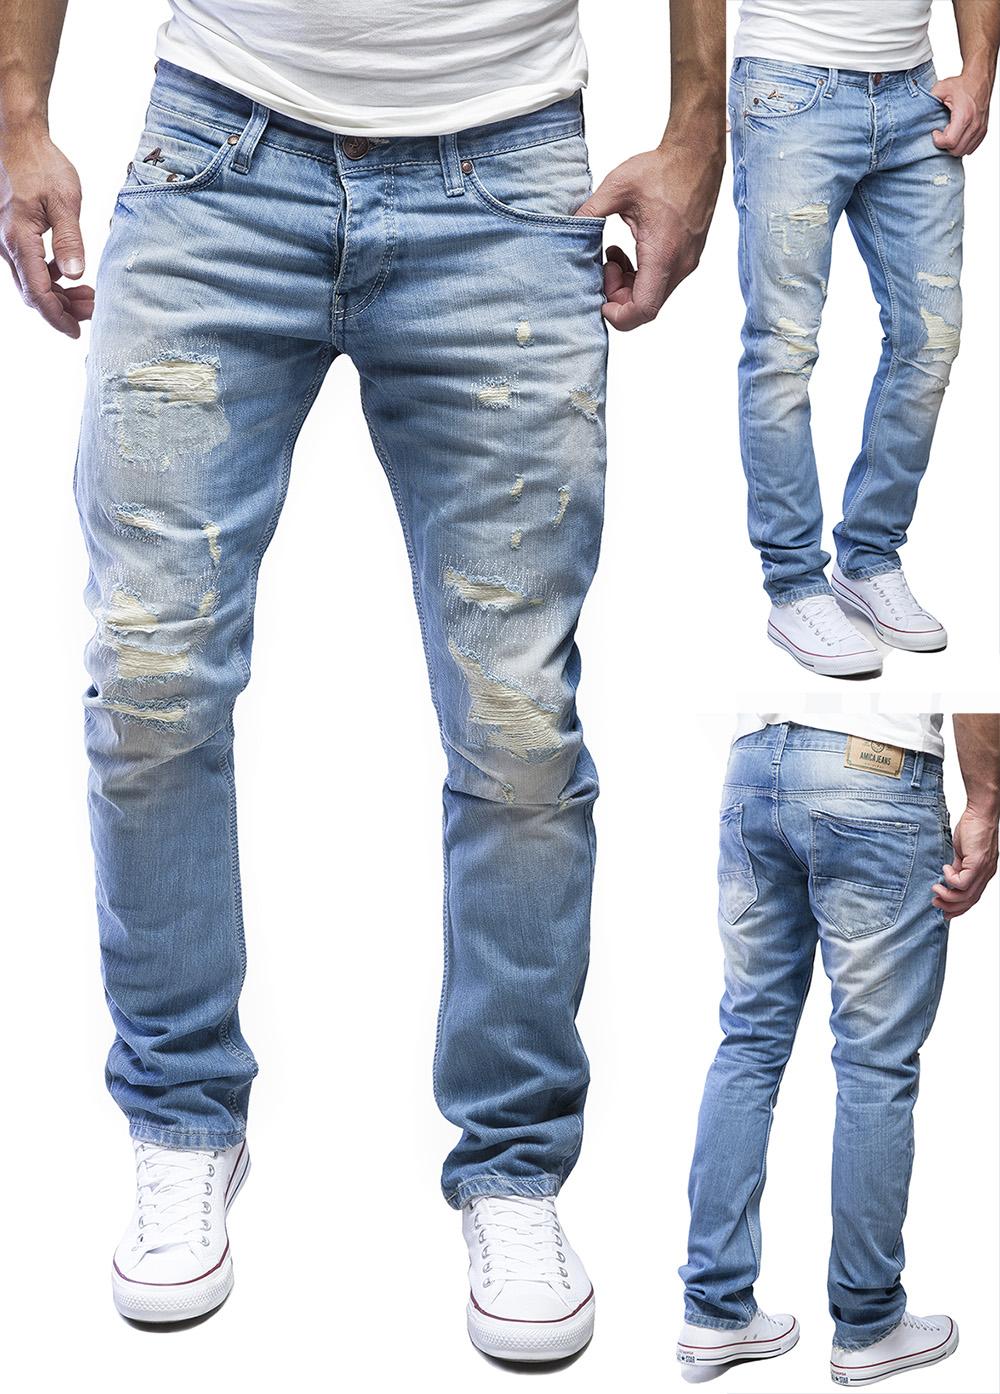 amica by merish herren straight fit destroyed blue jeans hose blau neu j1154 ebay. Black Bedroom Furniture Sets. Home Design Ideas